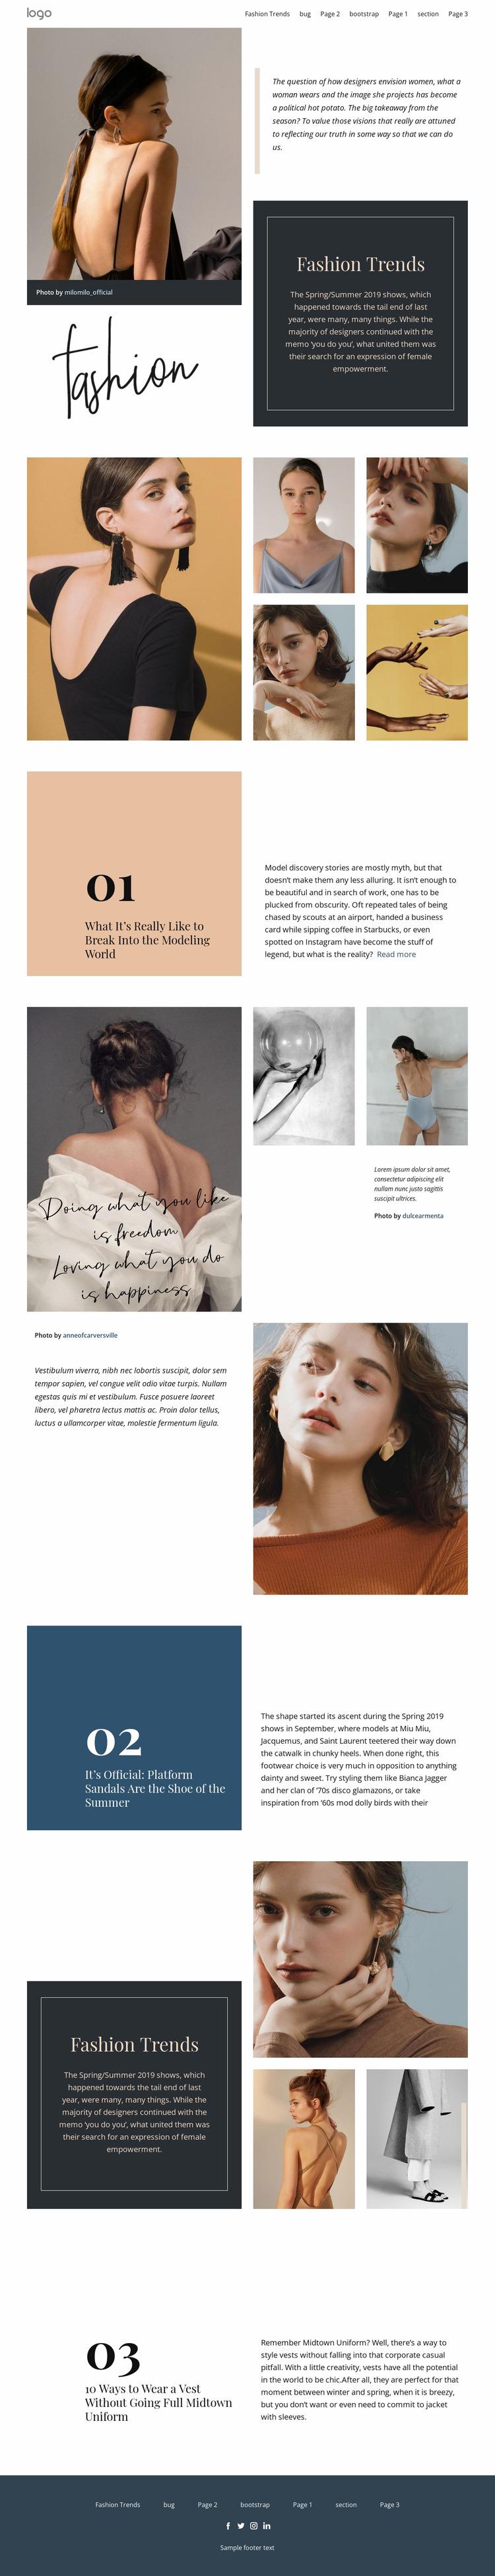 Designer vision of fashion Html Website Builder